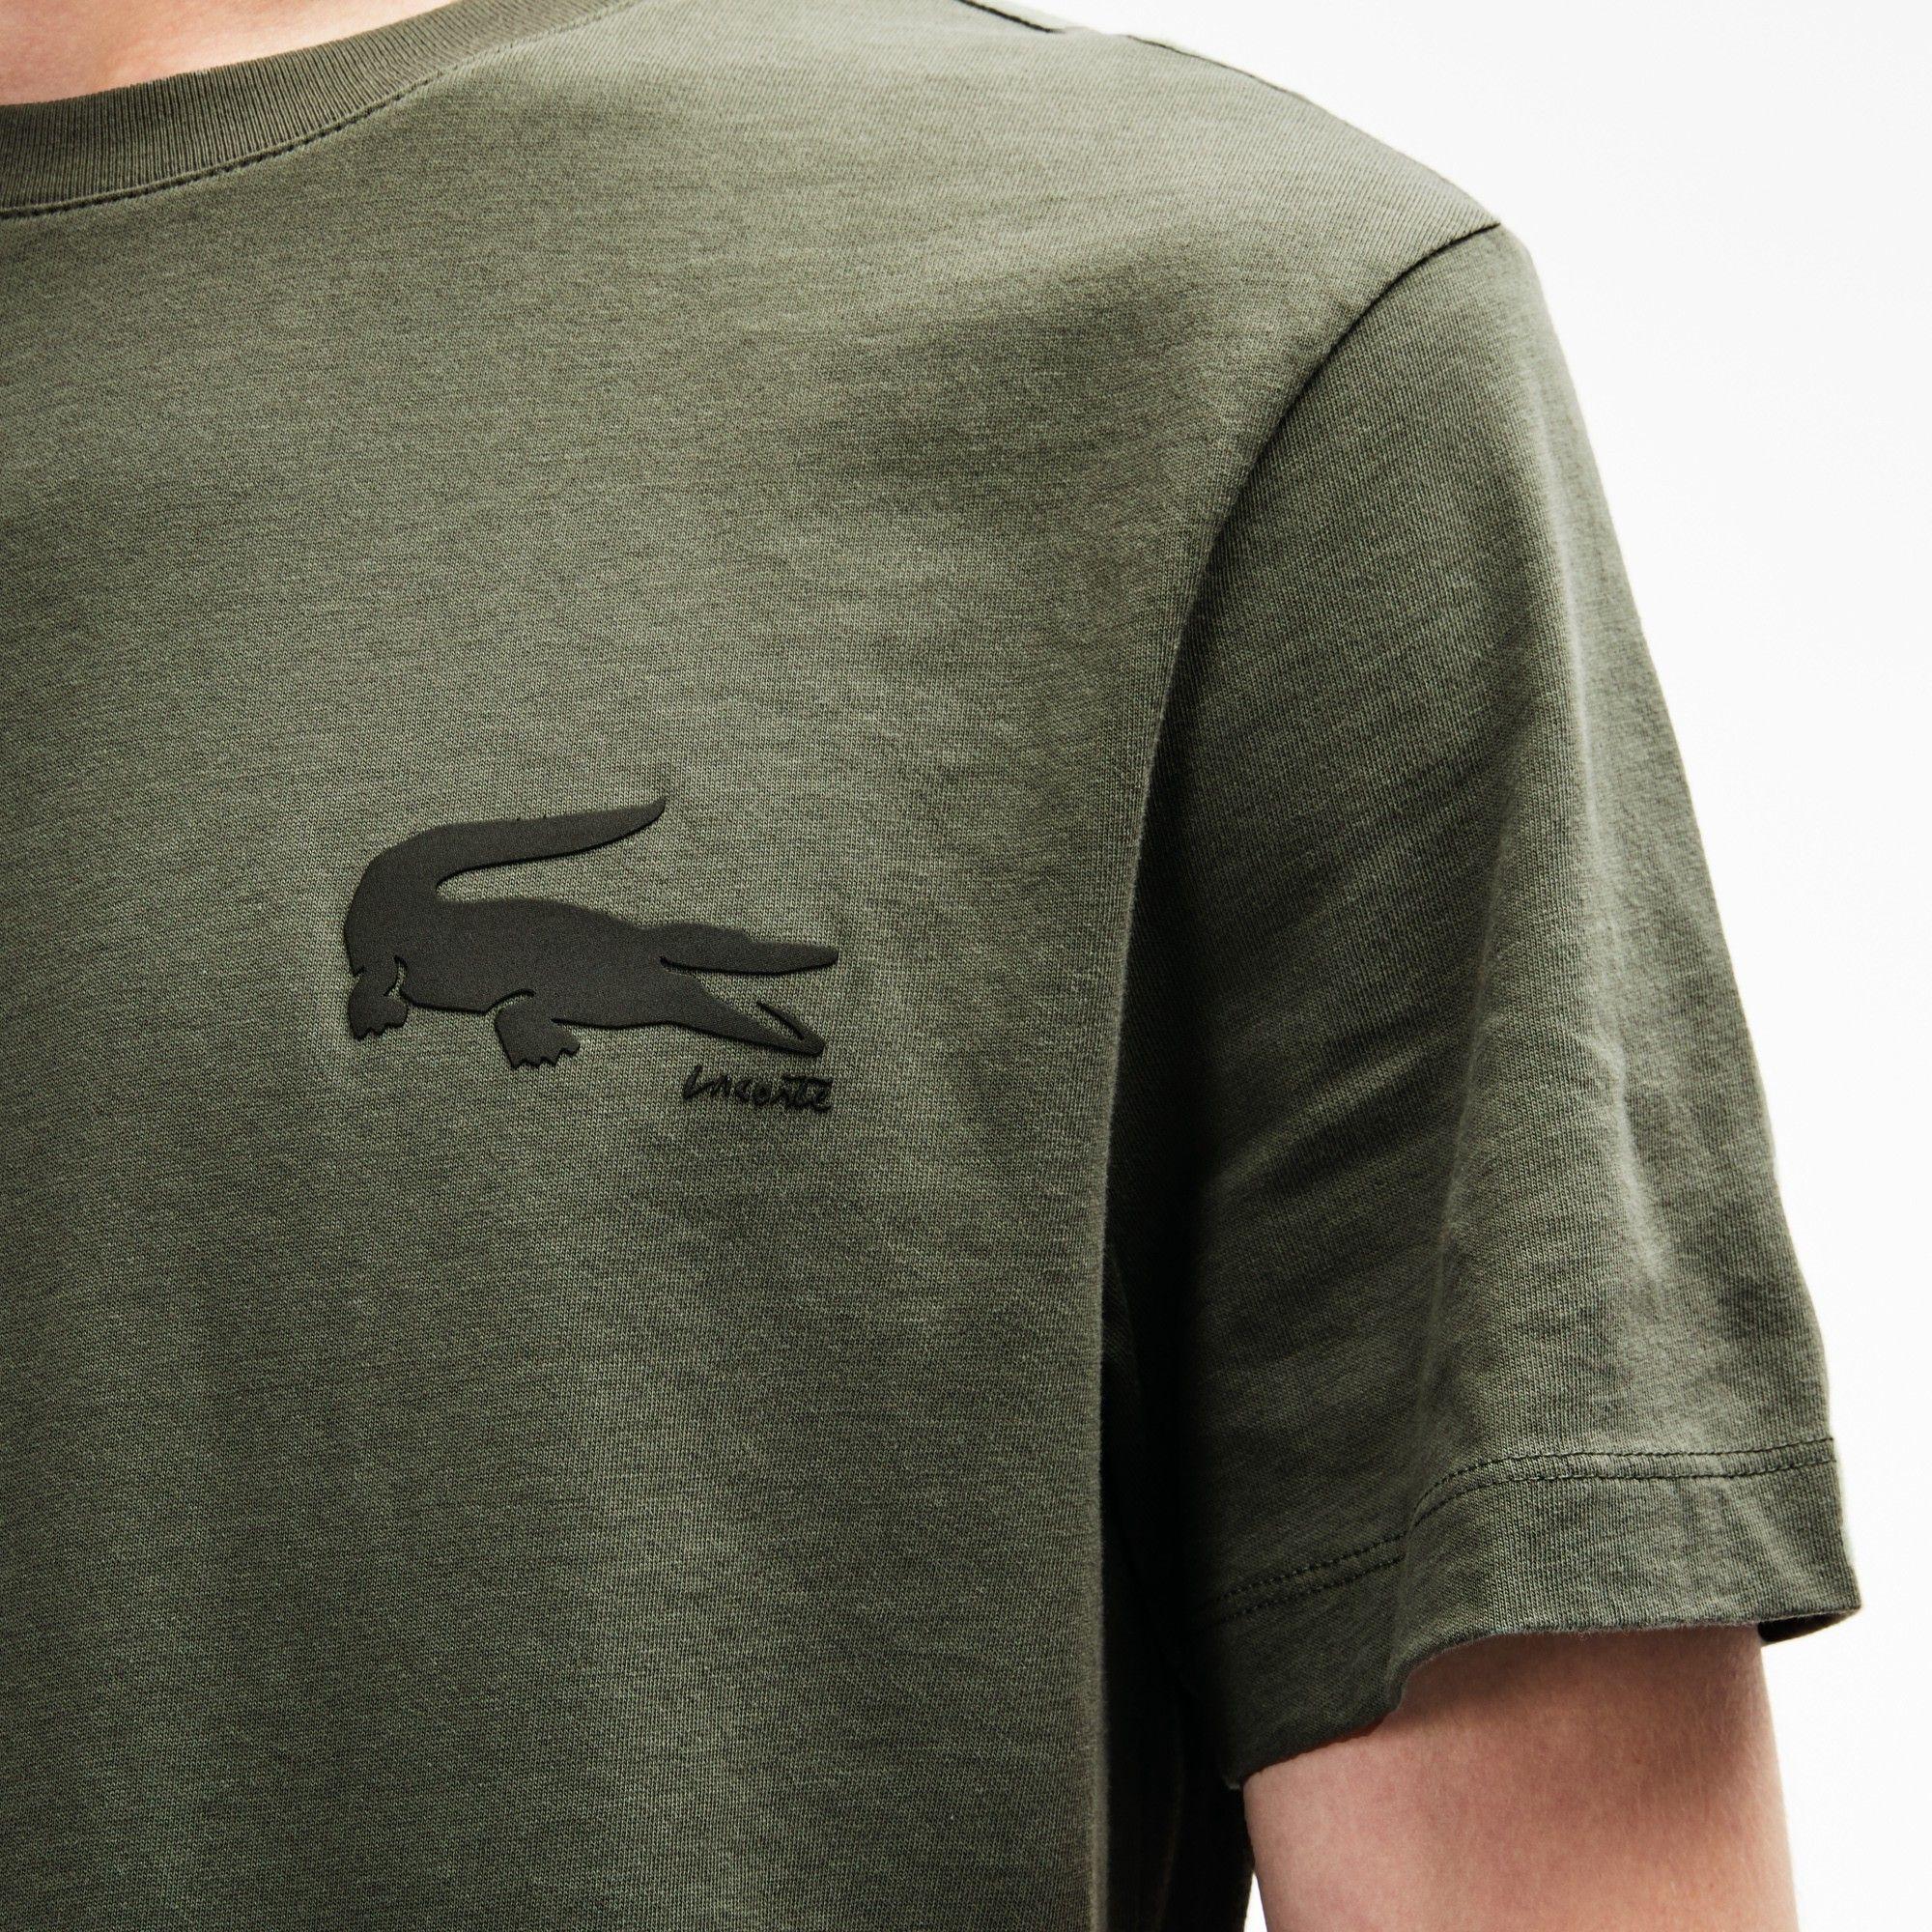 0e95fb13 Lacoste Men's Crocodile Lettering T-Shirt - Electric/Marino S 3 ...